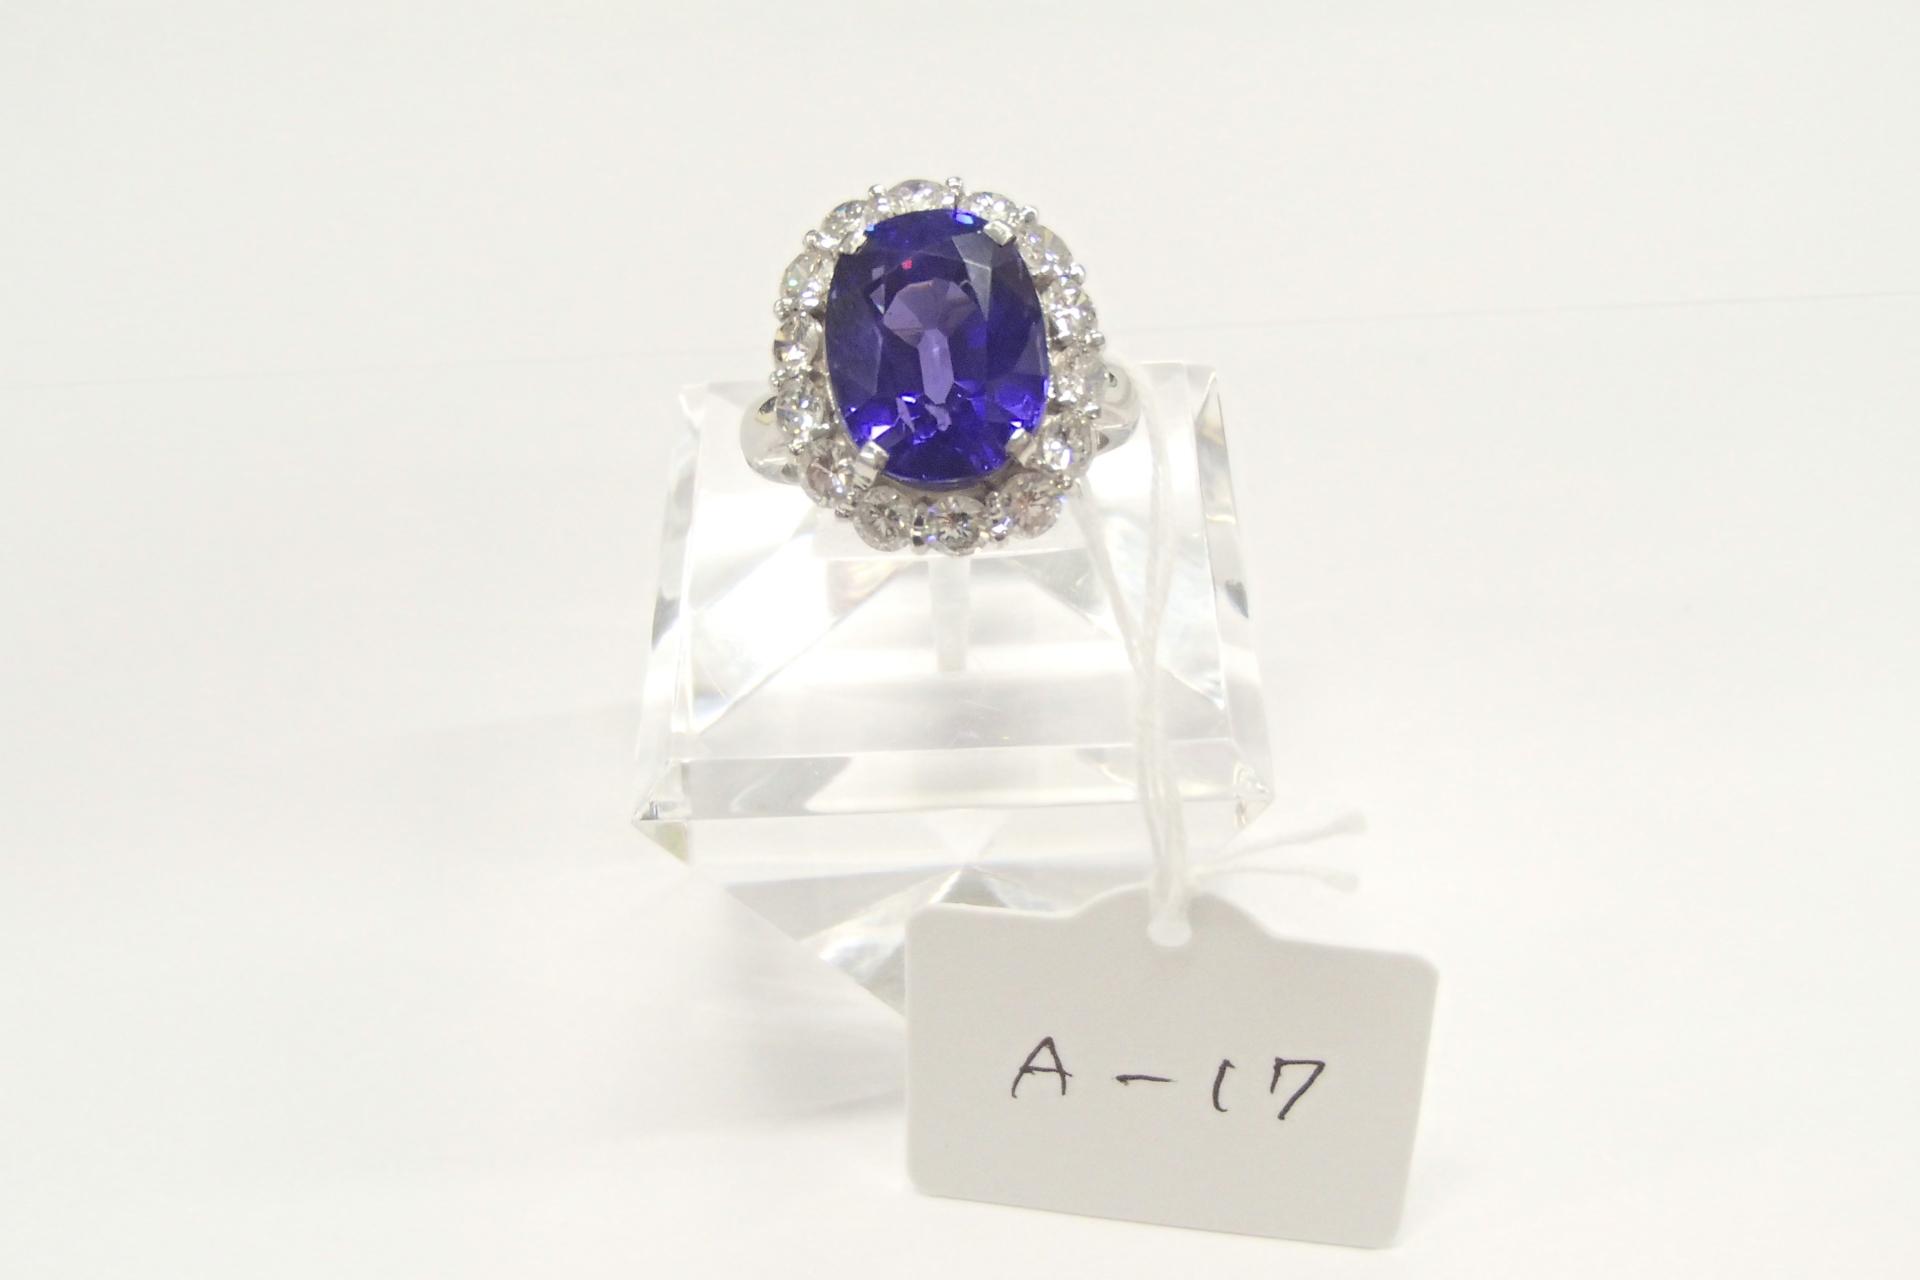 タンザナイトのリングを高額買取しました! 千葉県のお客様